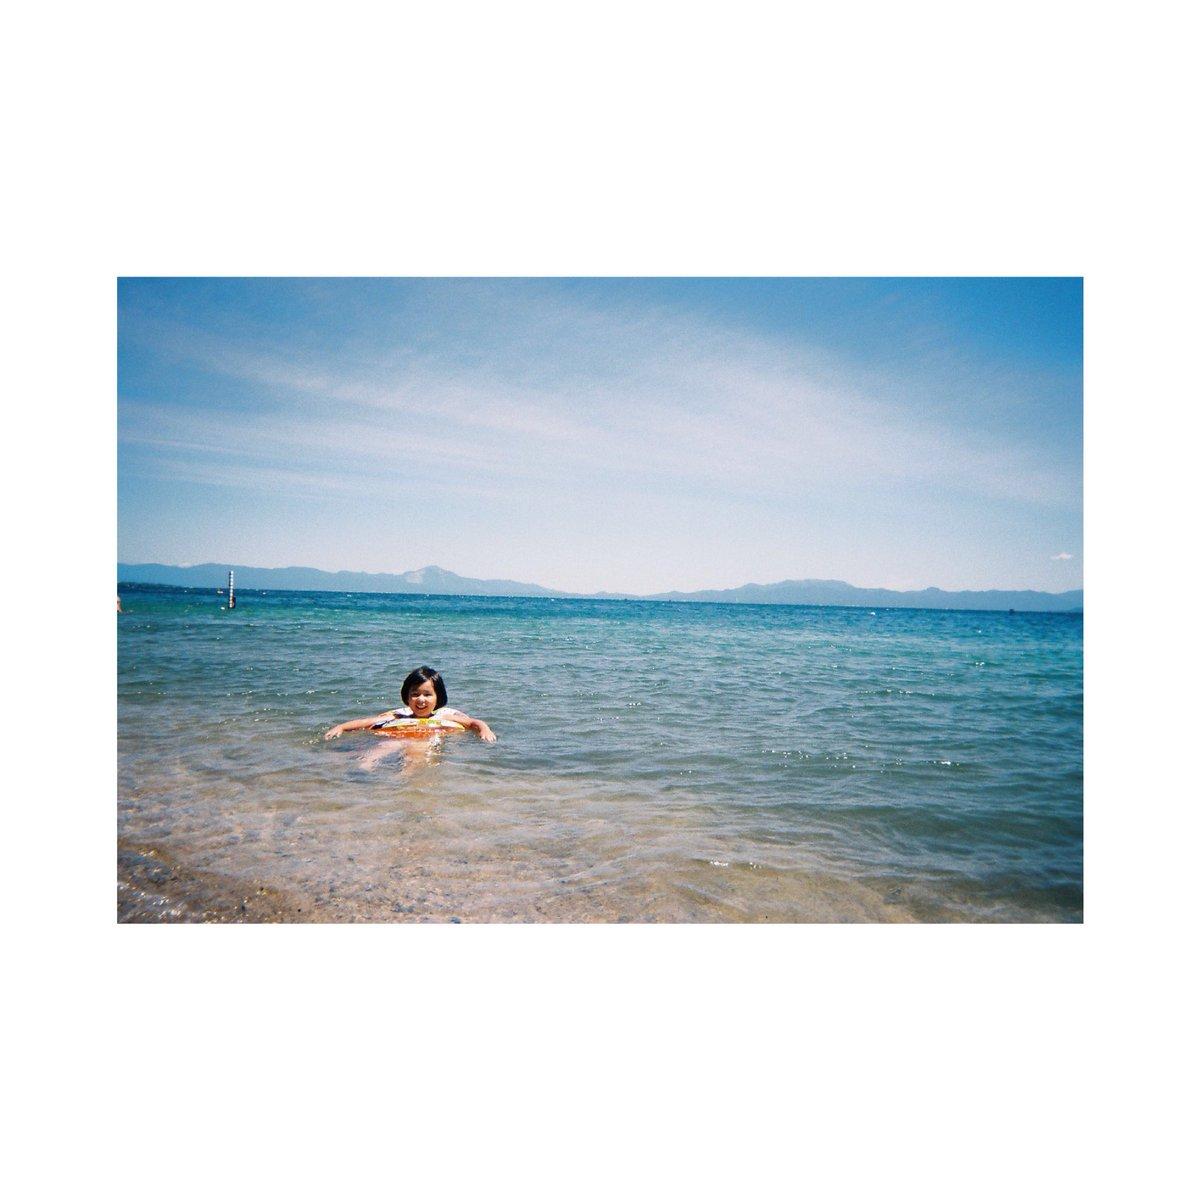 興梠 玲奈 on Twitter: 夏の日  #photographer #photography #写ルンです #生活とフィルム…